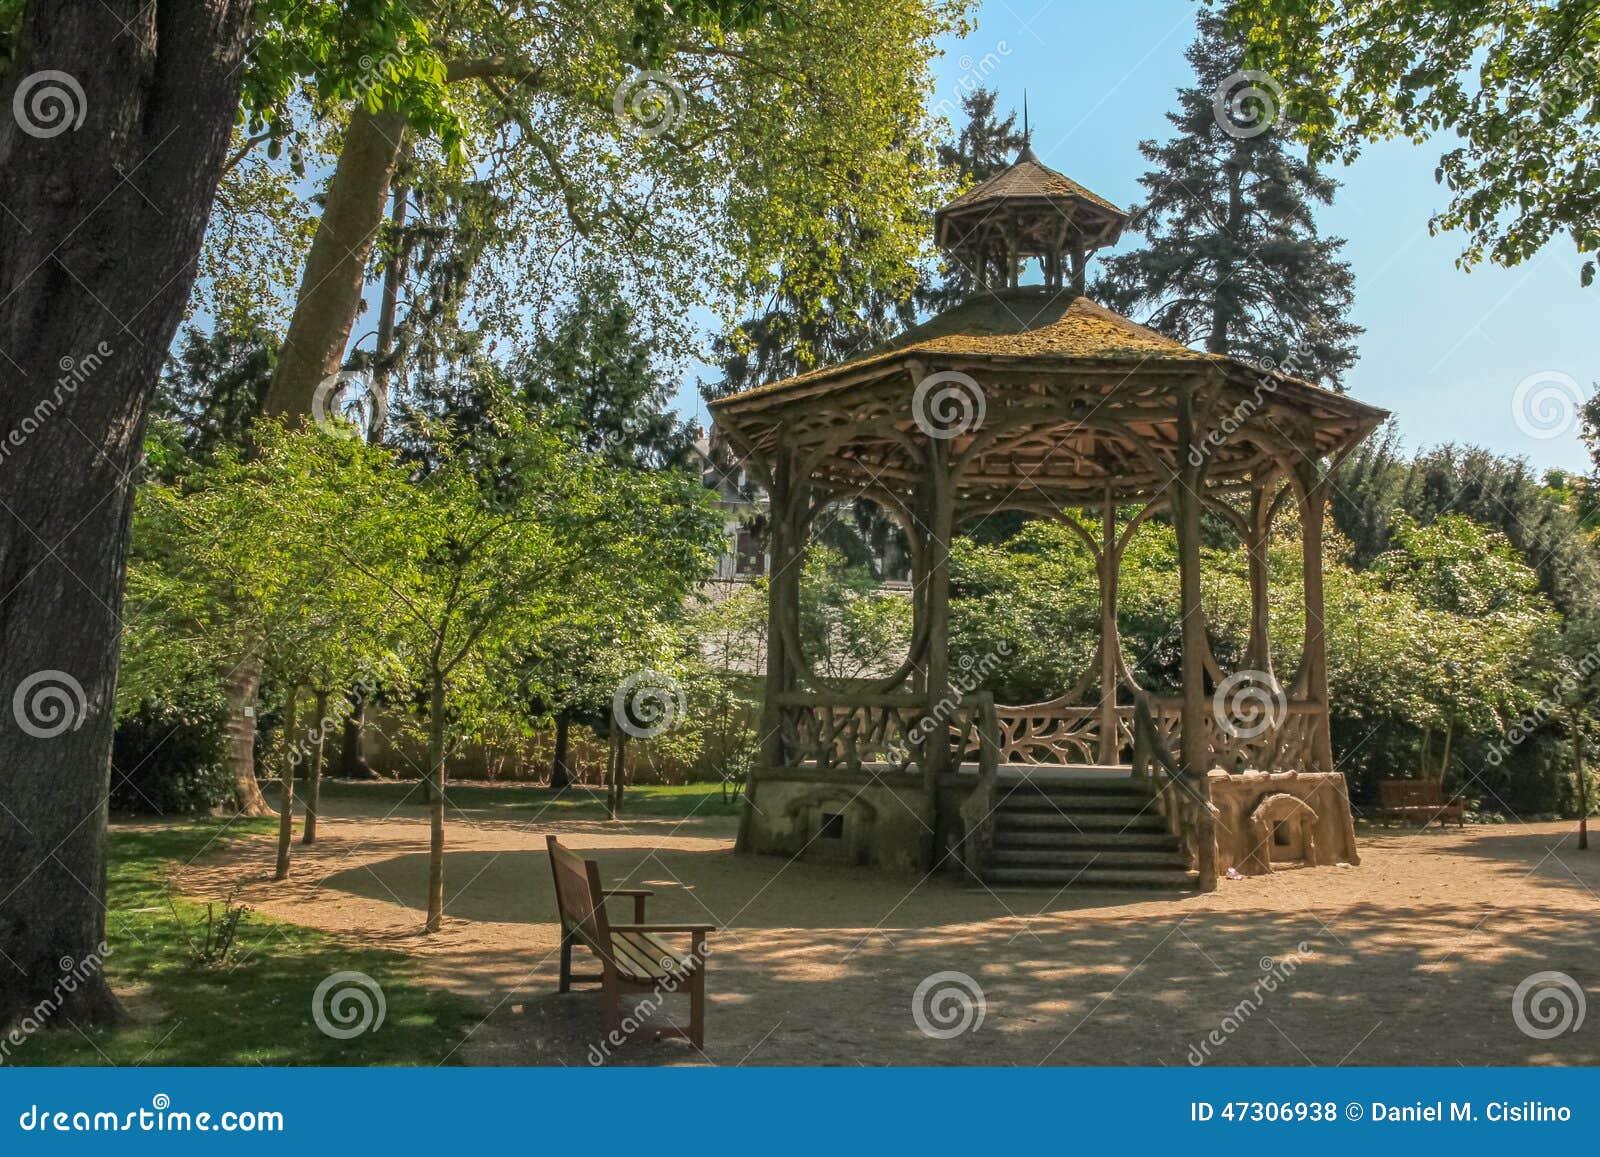 Gazebo At Mirabeau Park, Tours. France Stock Photo - Image ...